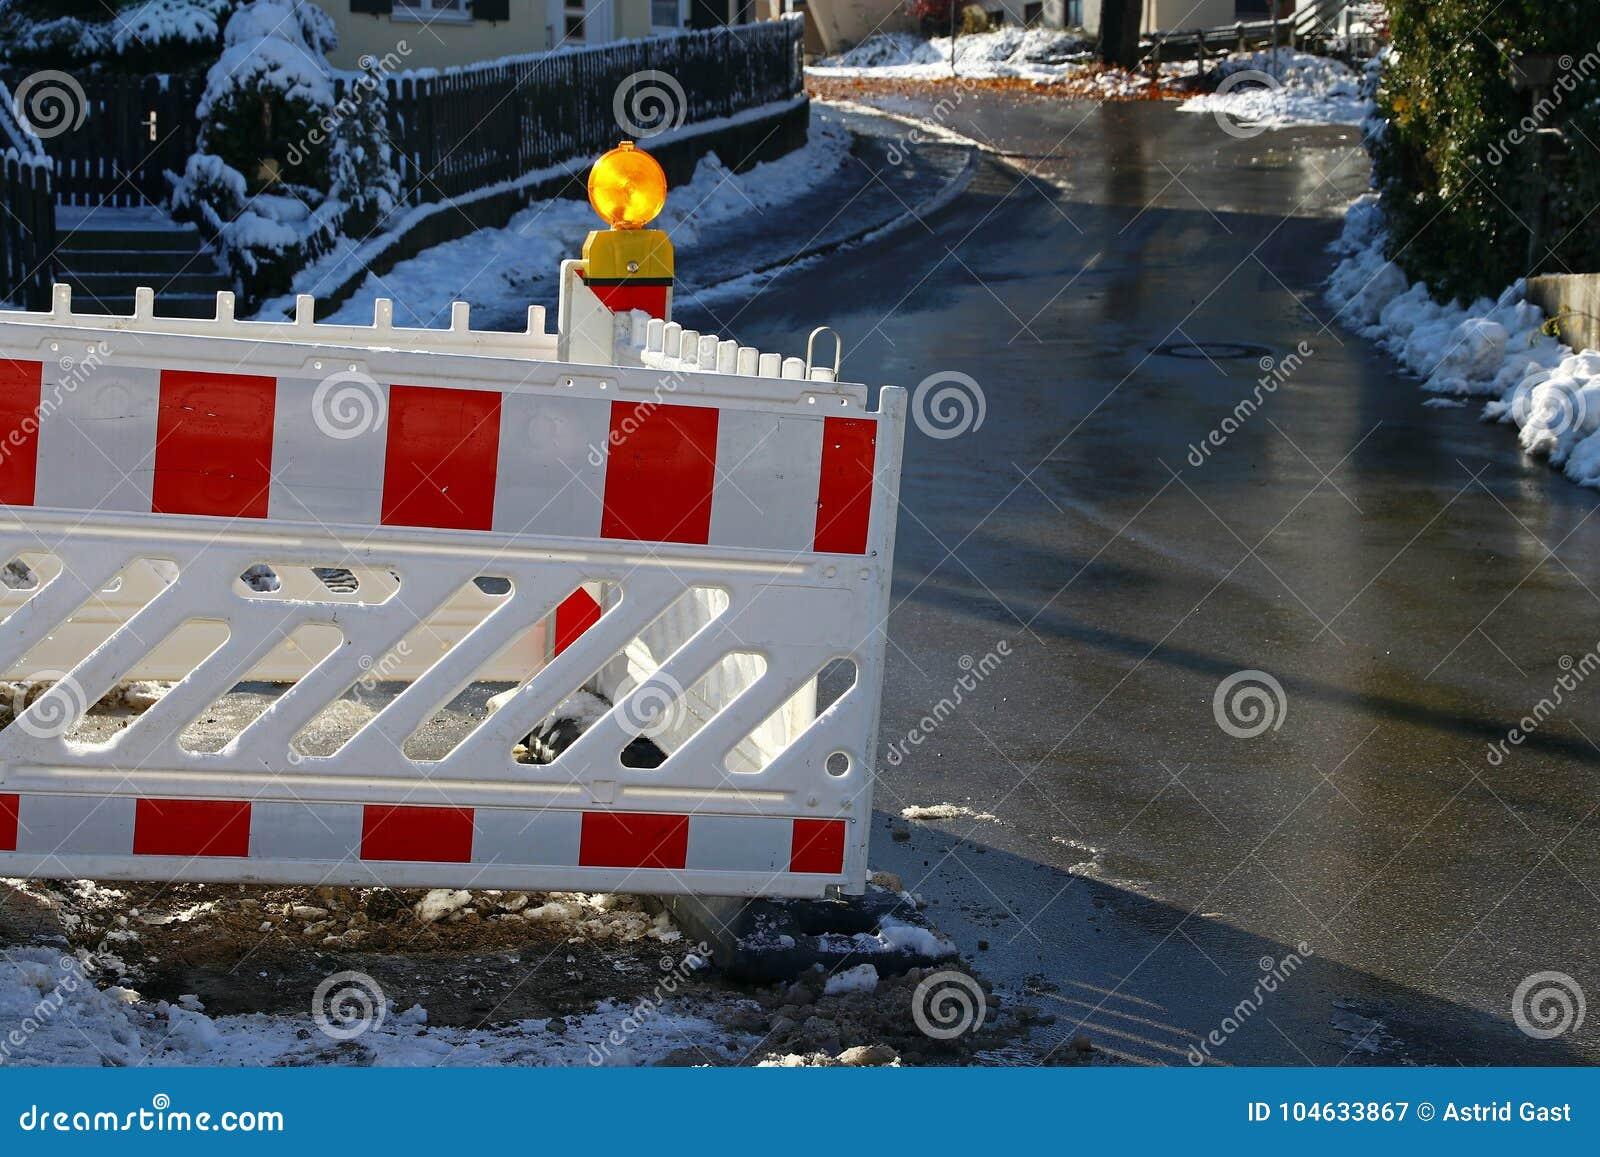 Download Bouwwerkzaamheden Op Een Straat In De Stad Stock Afbeelding - Afbeelding bestaande uit gevaar, wegwerkzaamheden: 104633867